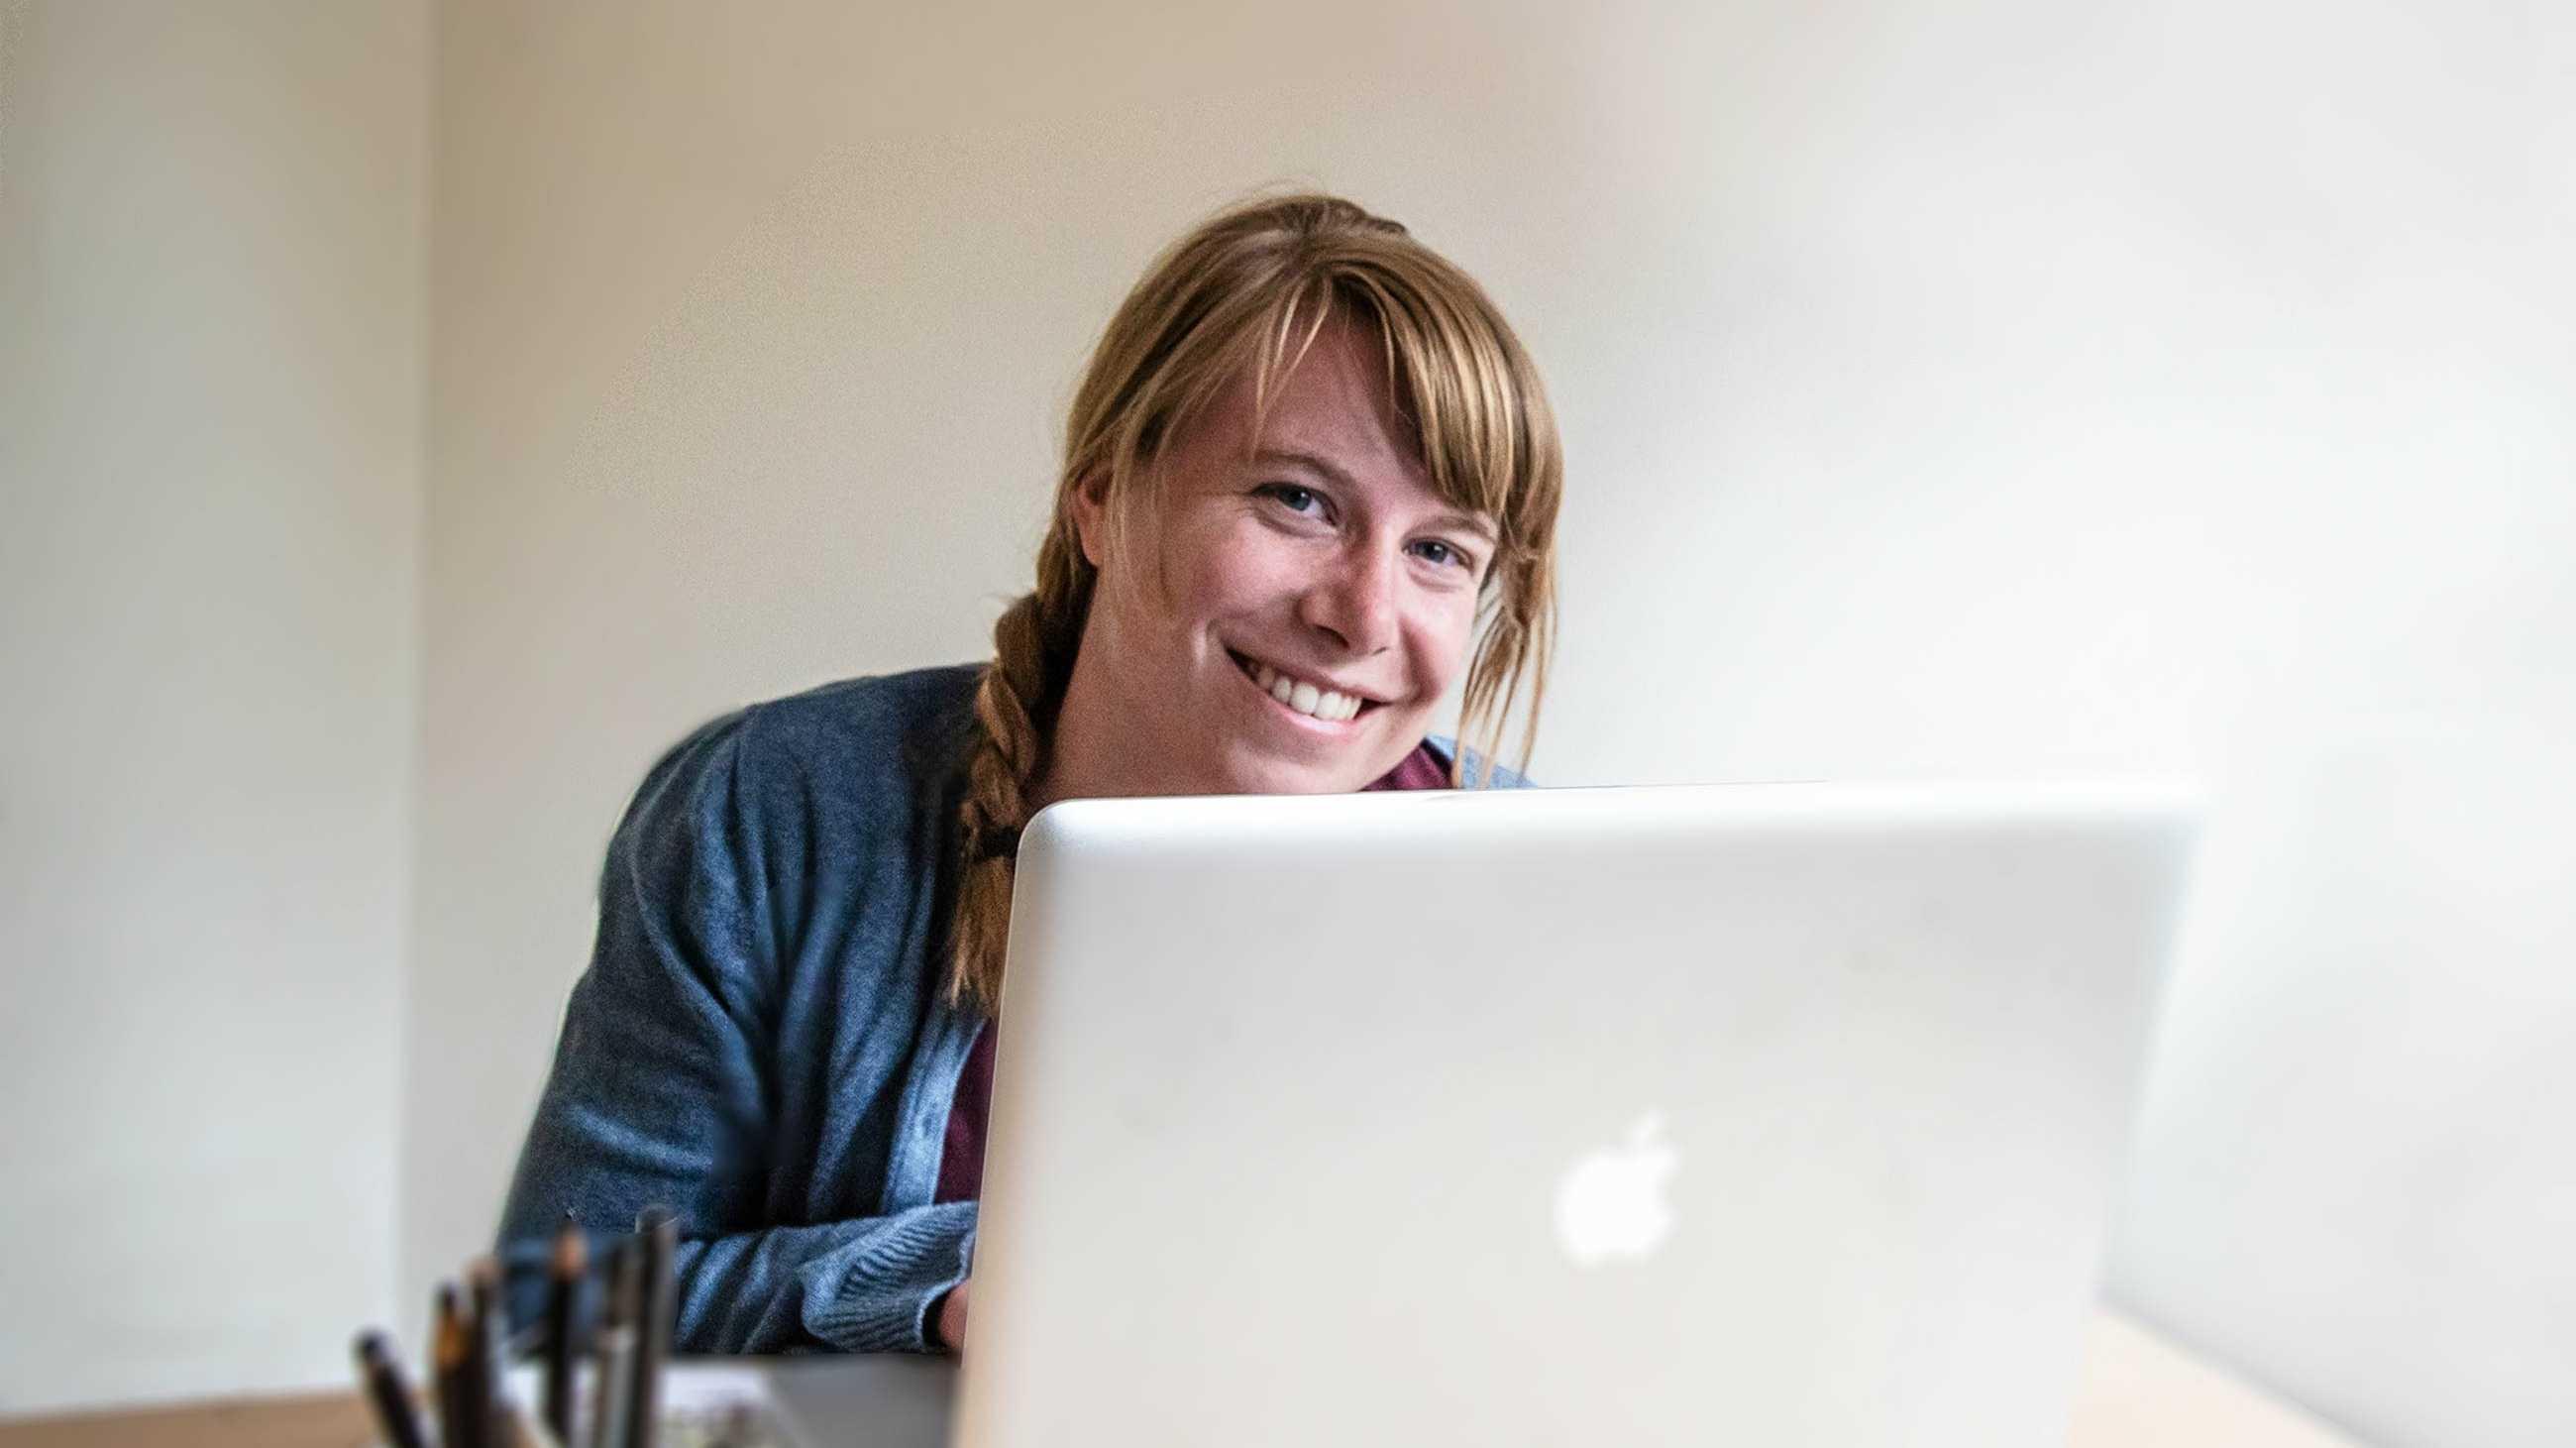 Blonde Frau lächelt inter Macbook hervor